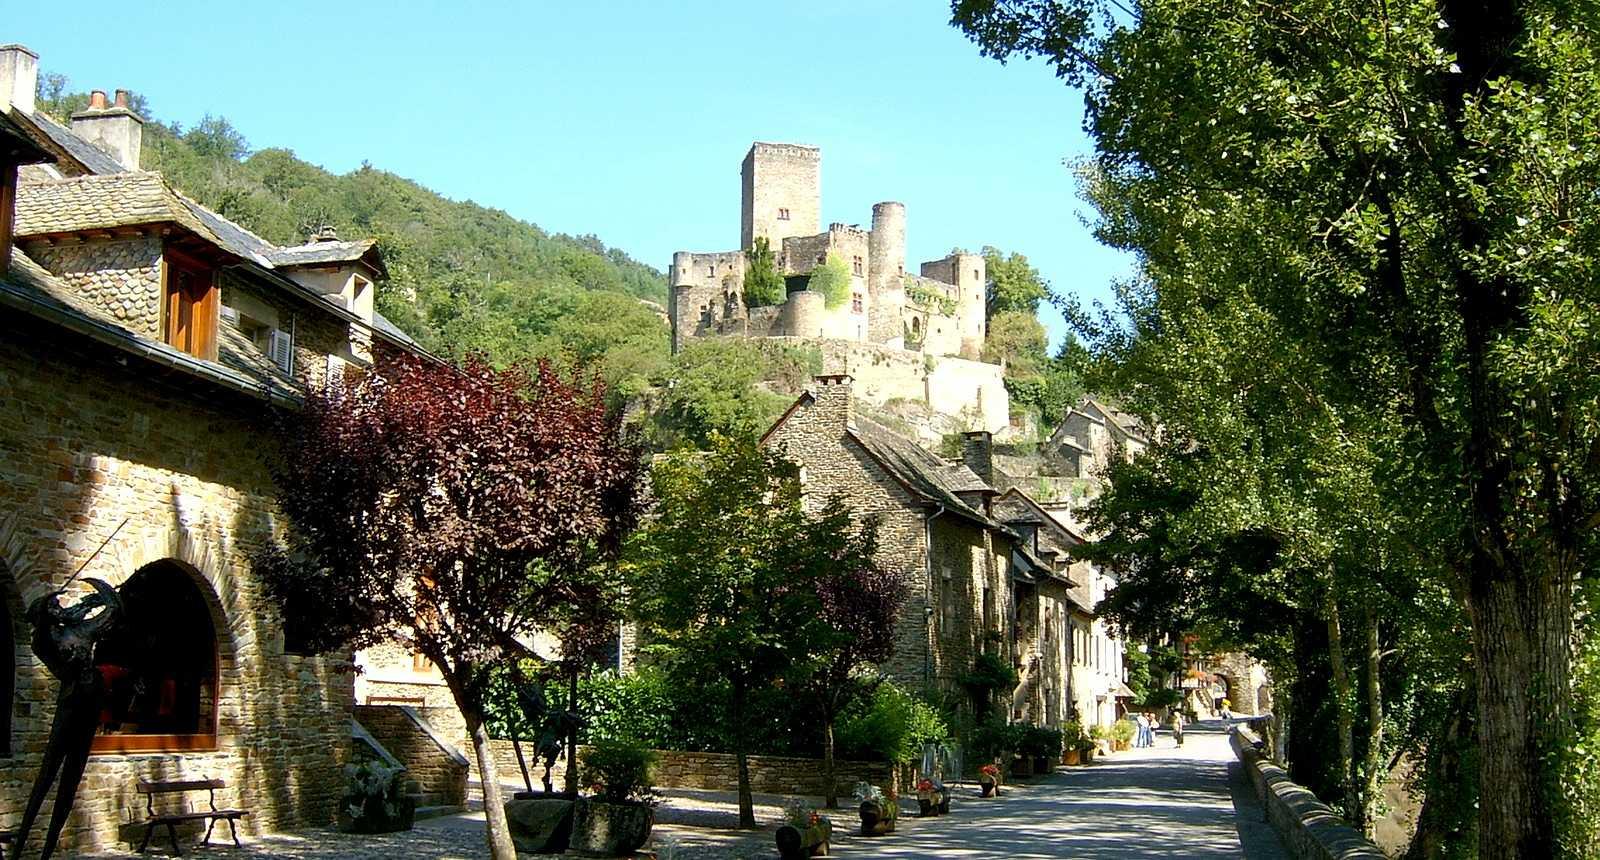 Vue sur le Château de Belcastel depuis une rue du village